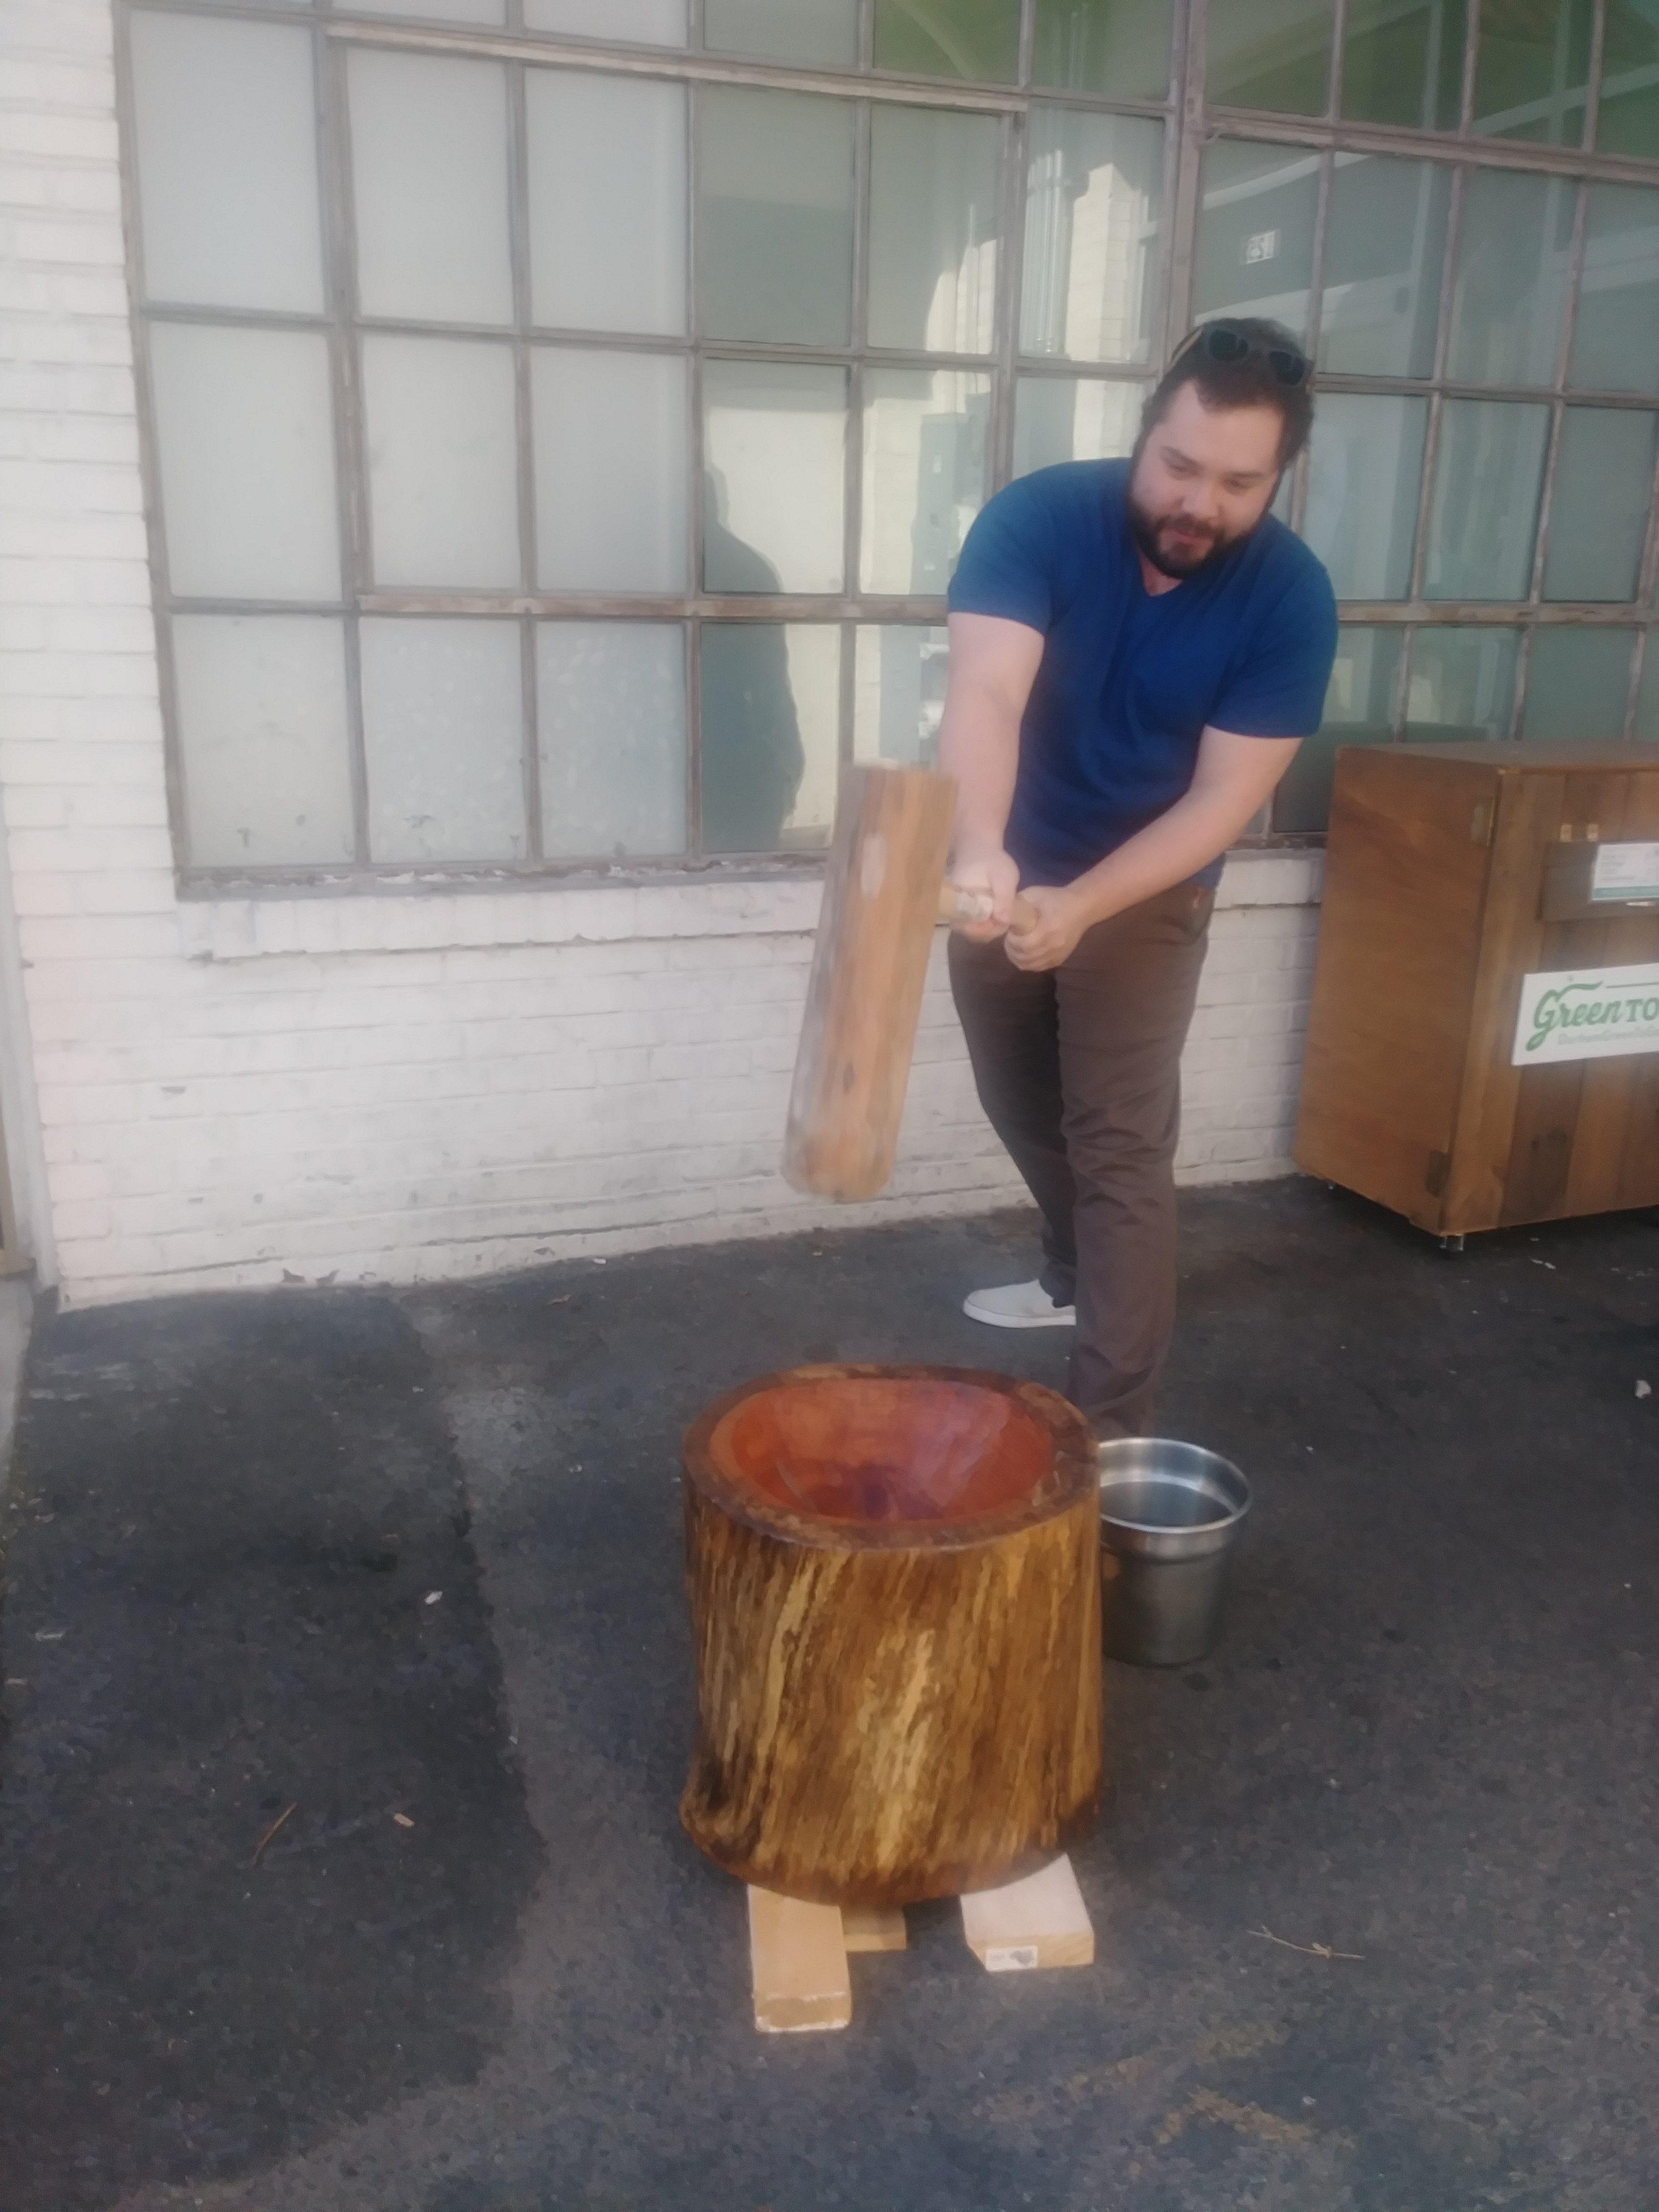 Mochi pounding bowl